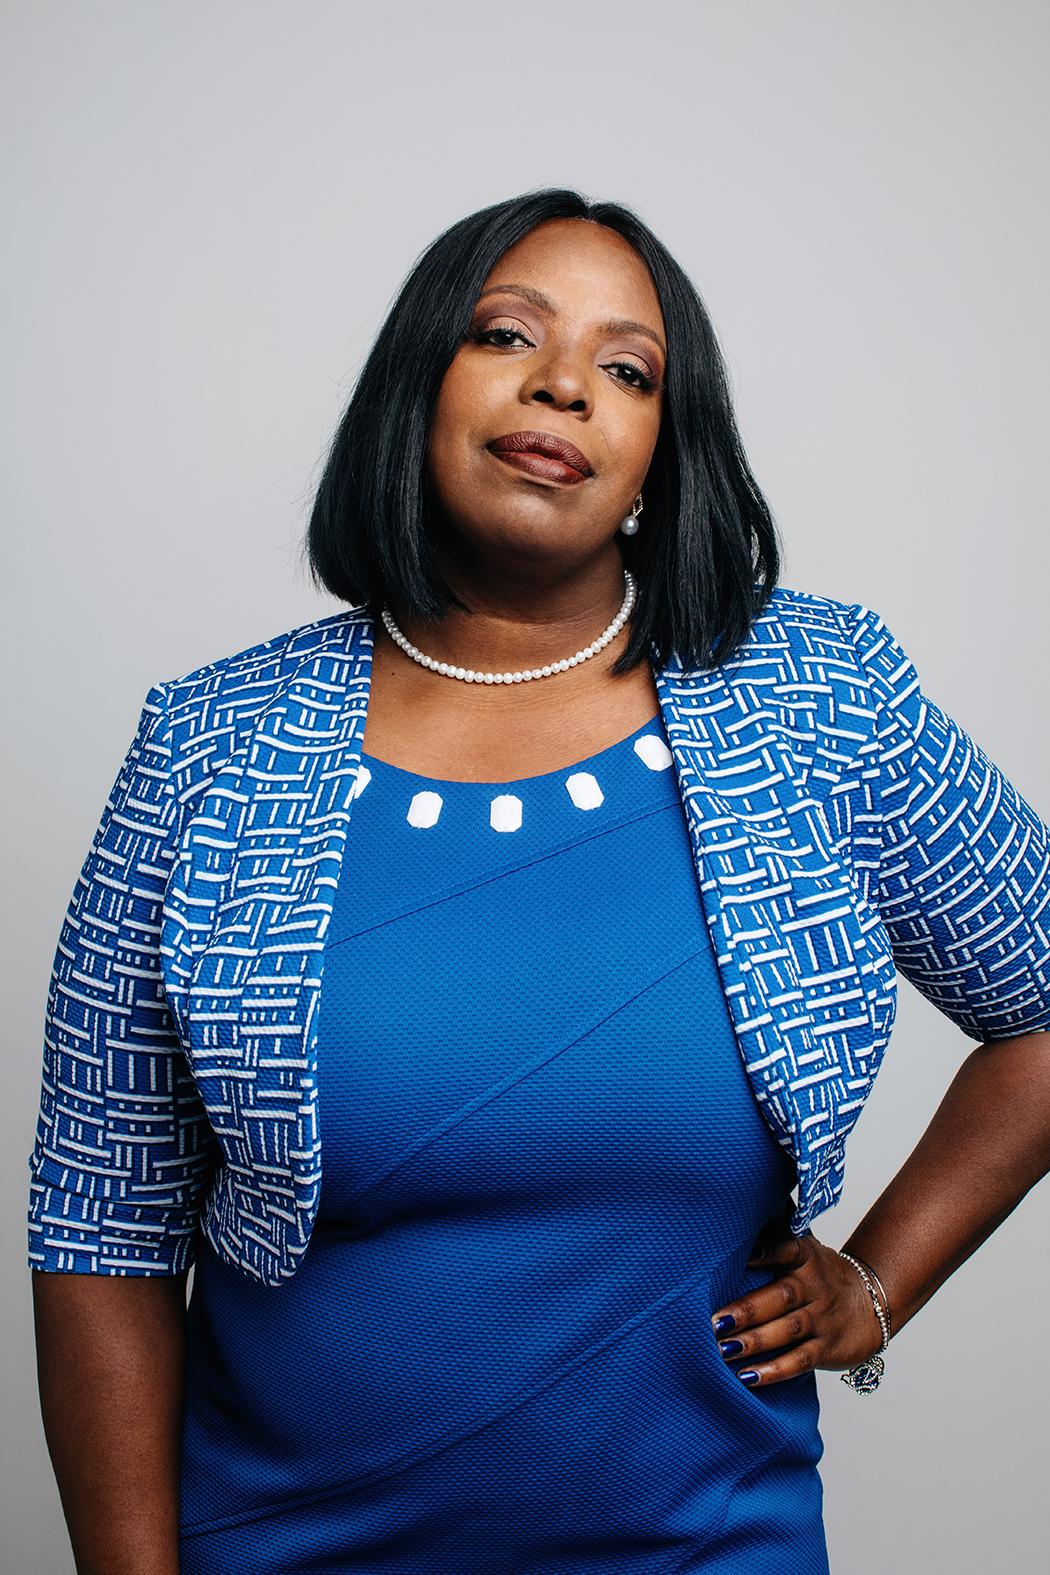 Latrice Monique Walker